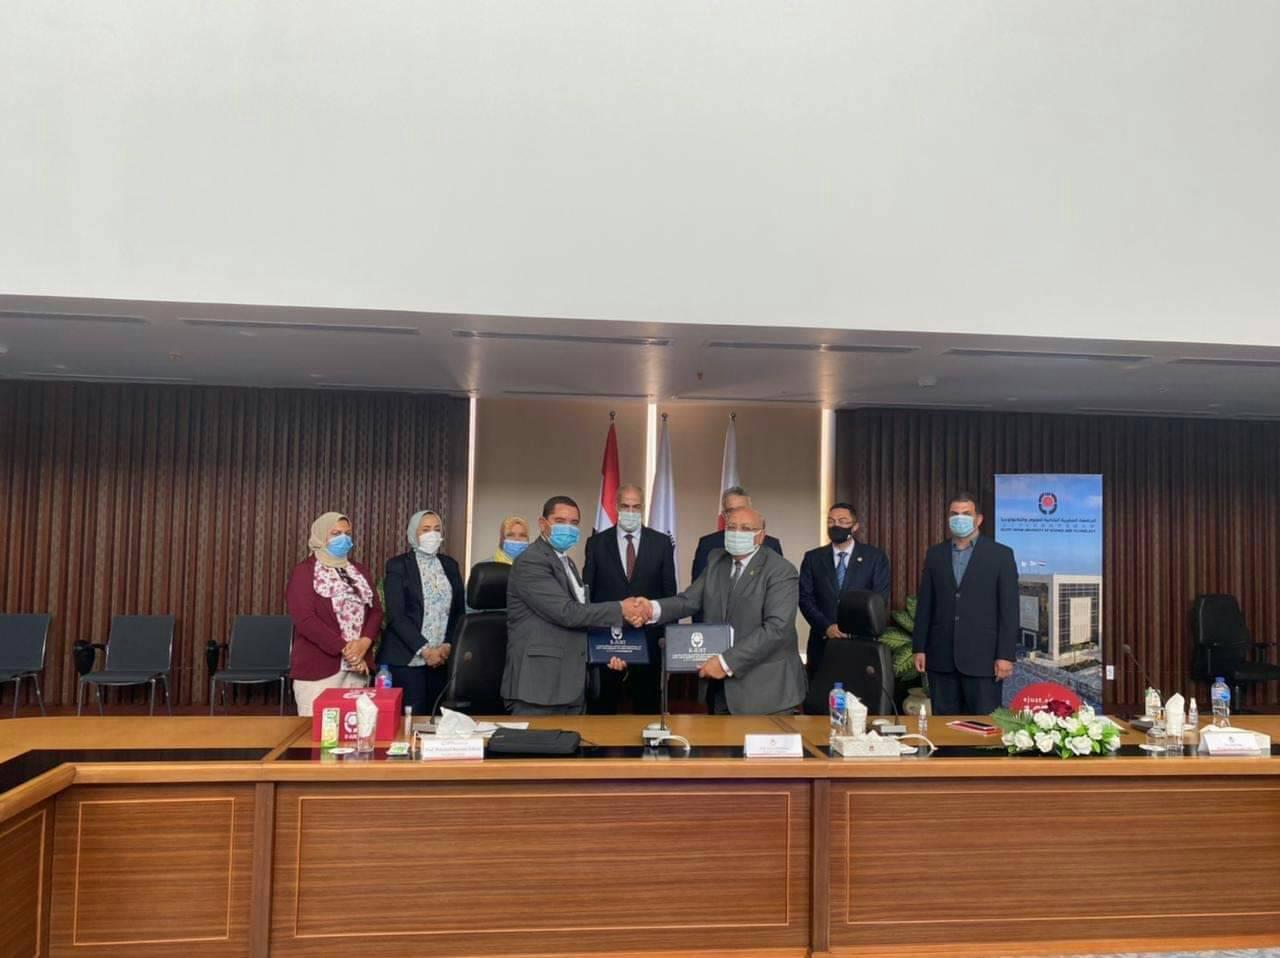 القومية للاستشعار من البعد توقع بروتوكول تعاون مع الجامعة المصرية اليابانية للعلوم والتكنولوجيا